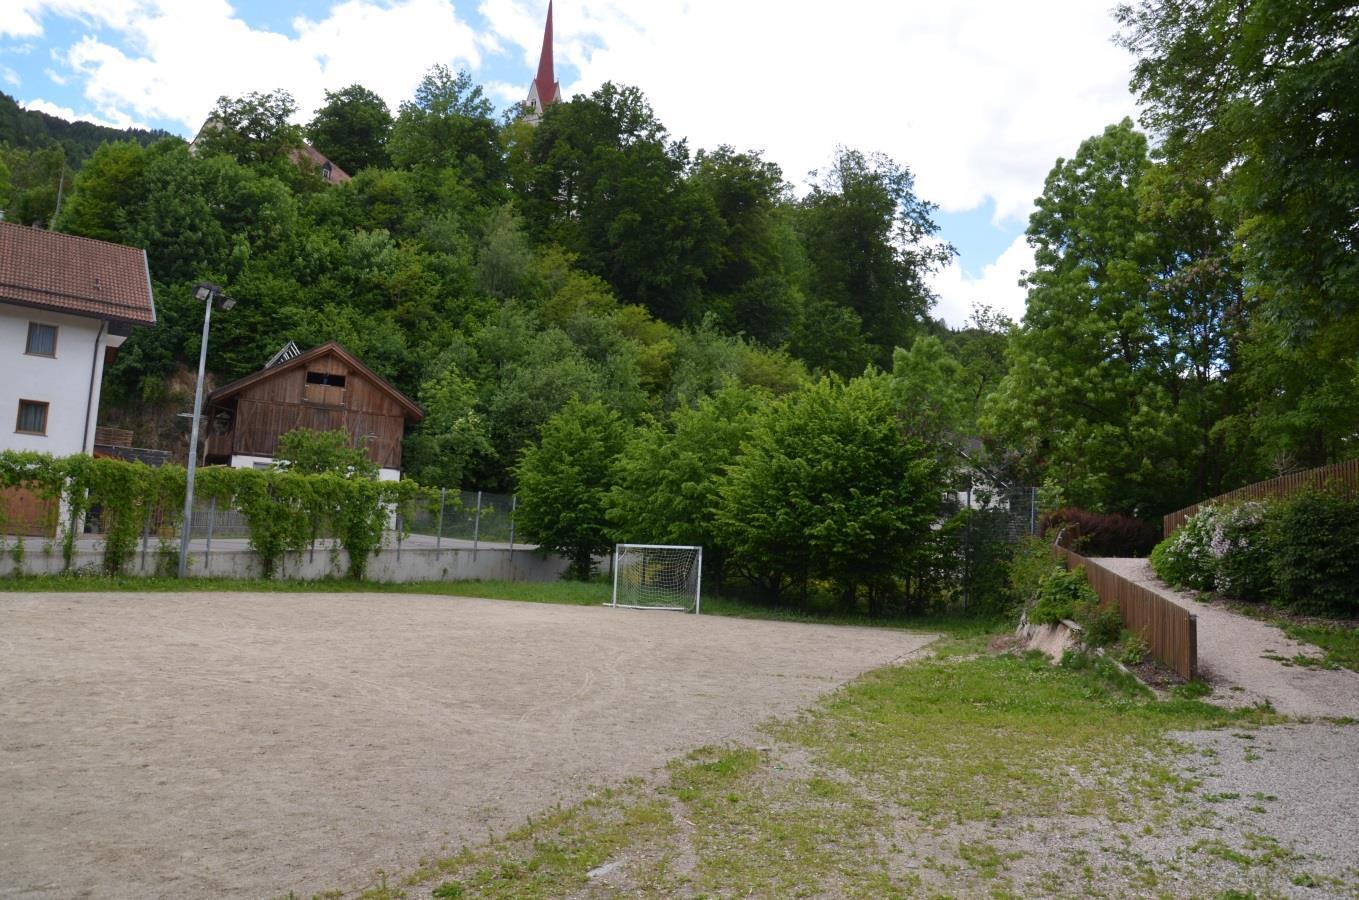 Kinderspielplatz  Ehrenburg